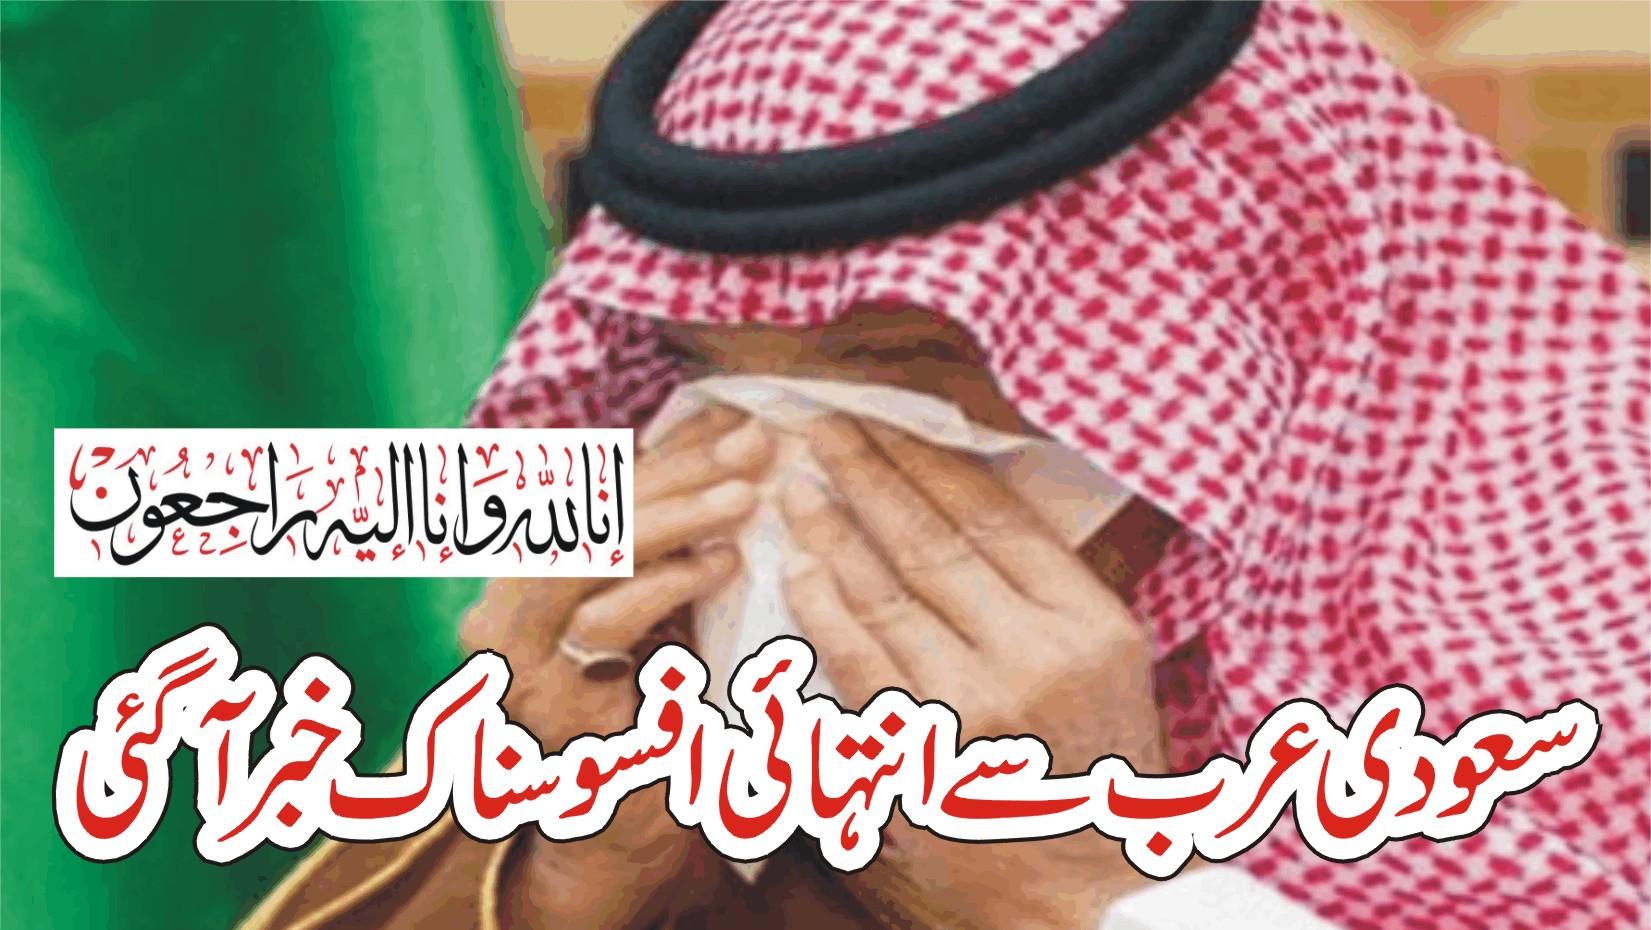 سعودی عرب سے انتہائی افسوسناک خبر آگئی ۔۔۔۔۔۔